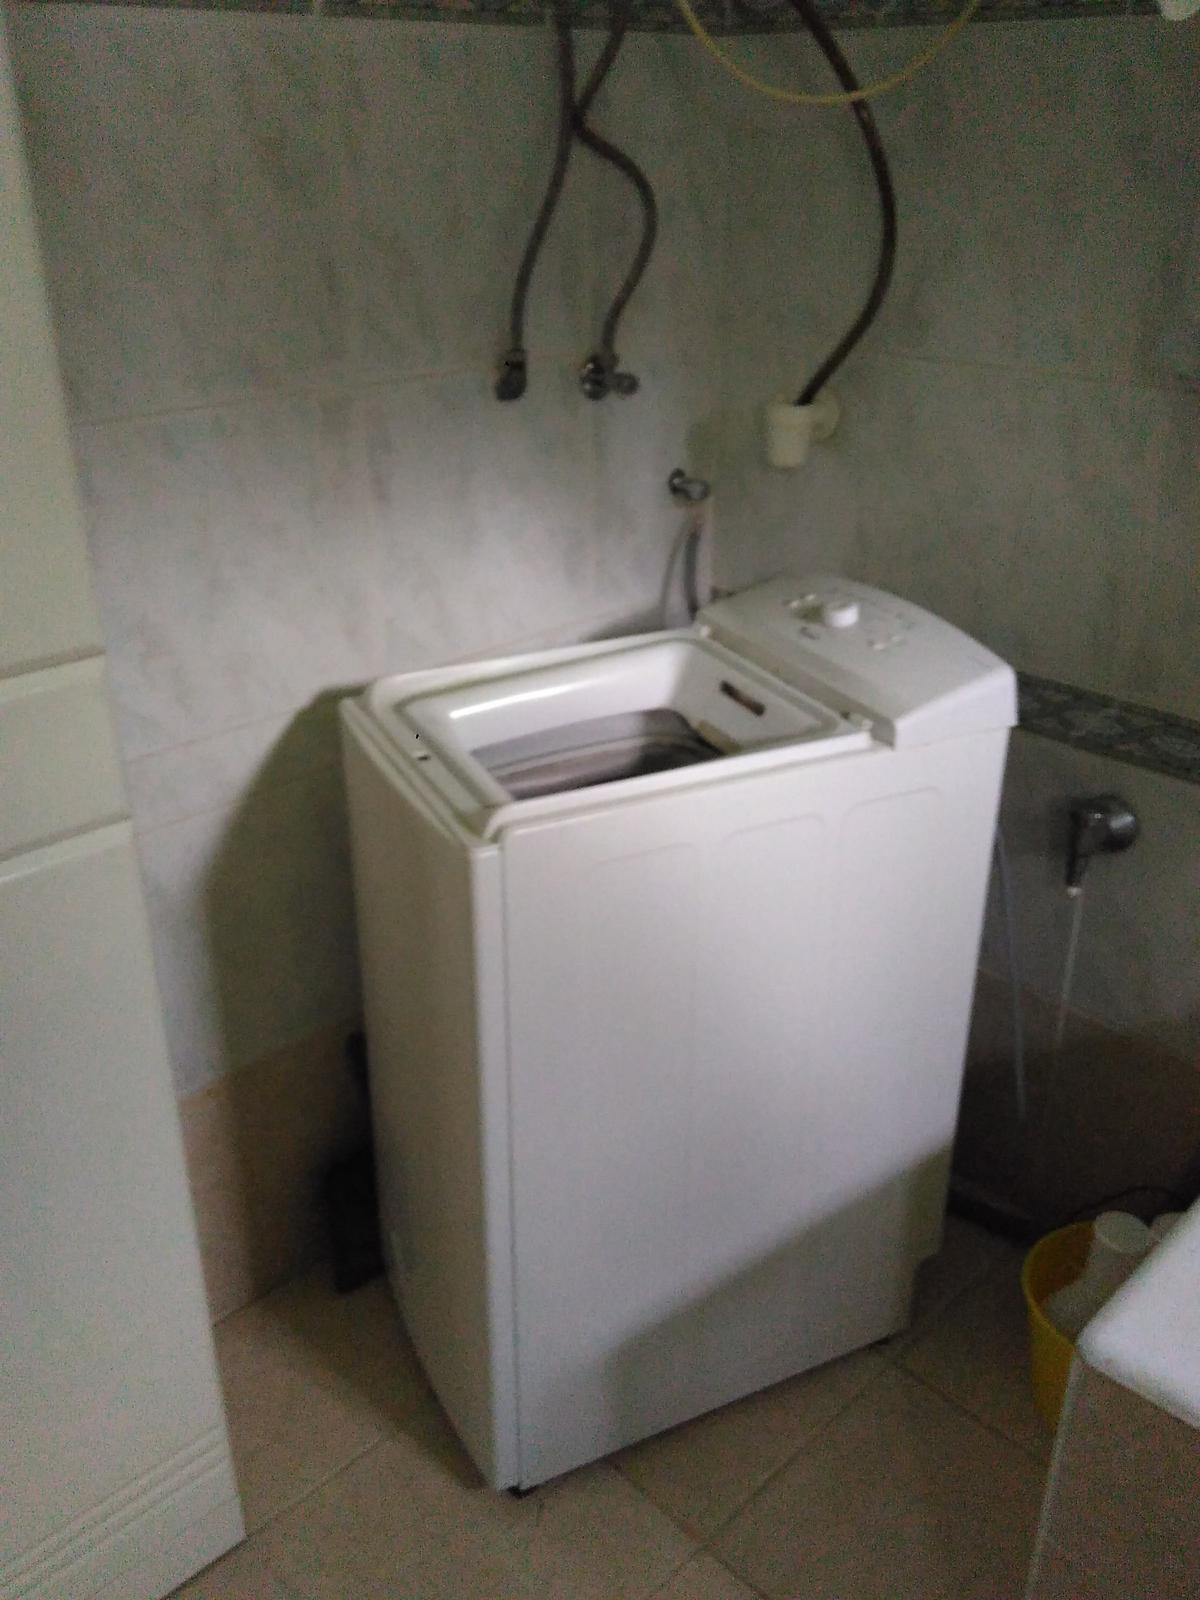 Szőnyeg (mosógép alá) Heilmann alkatrész